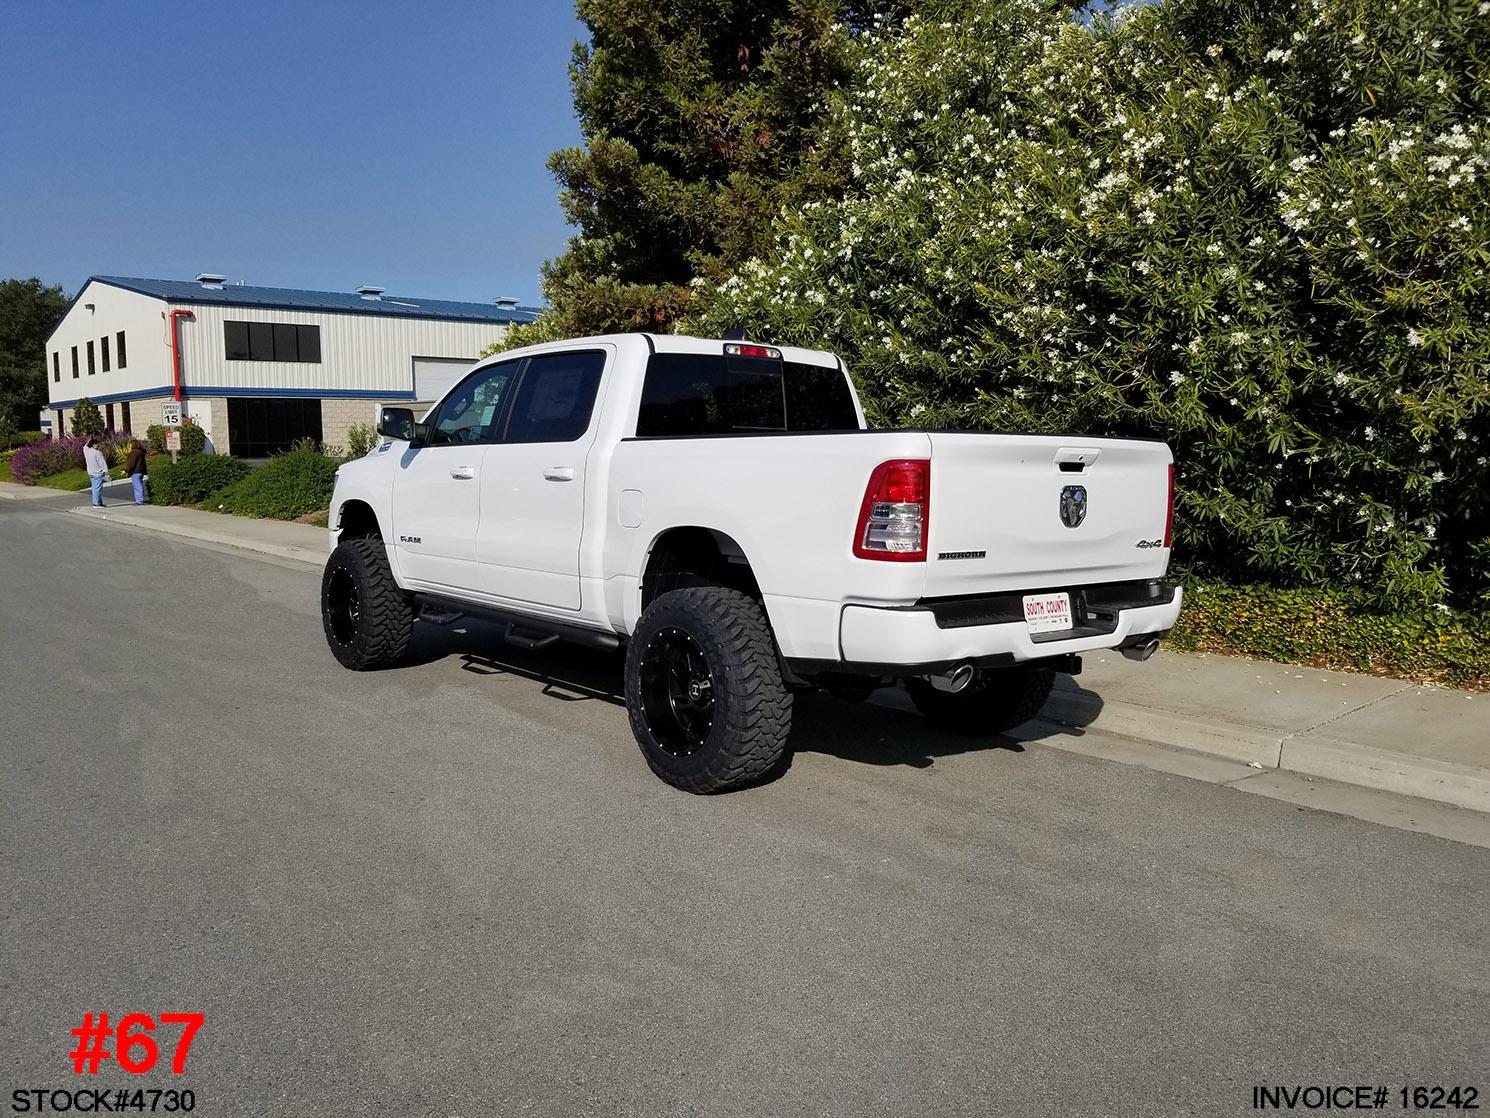 4730-2019 RAM 1500 CREW CAB